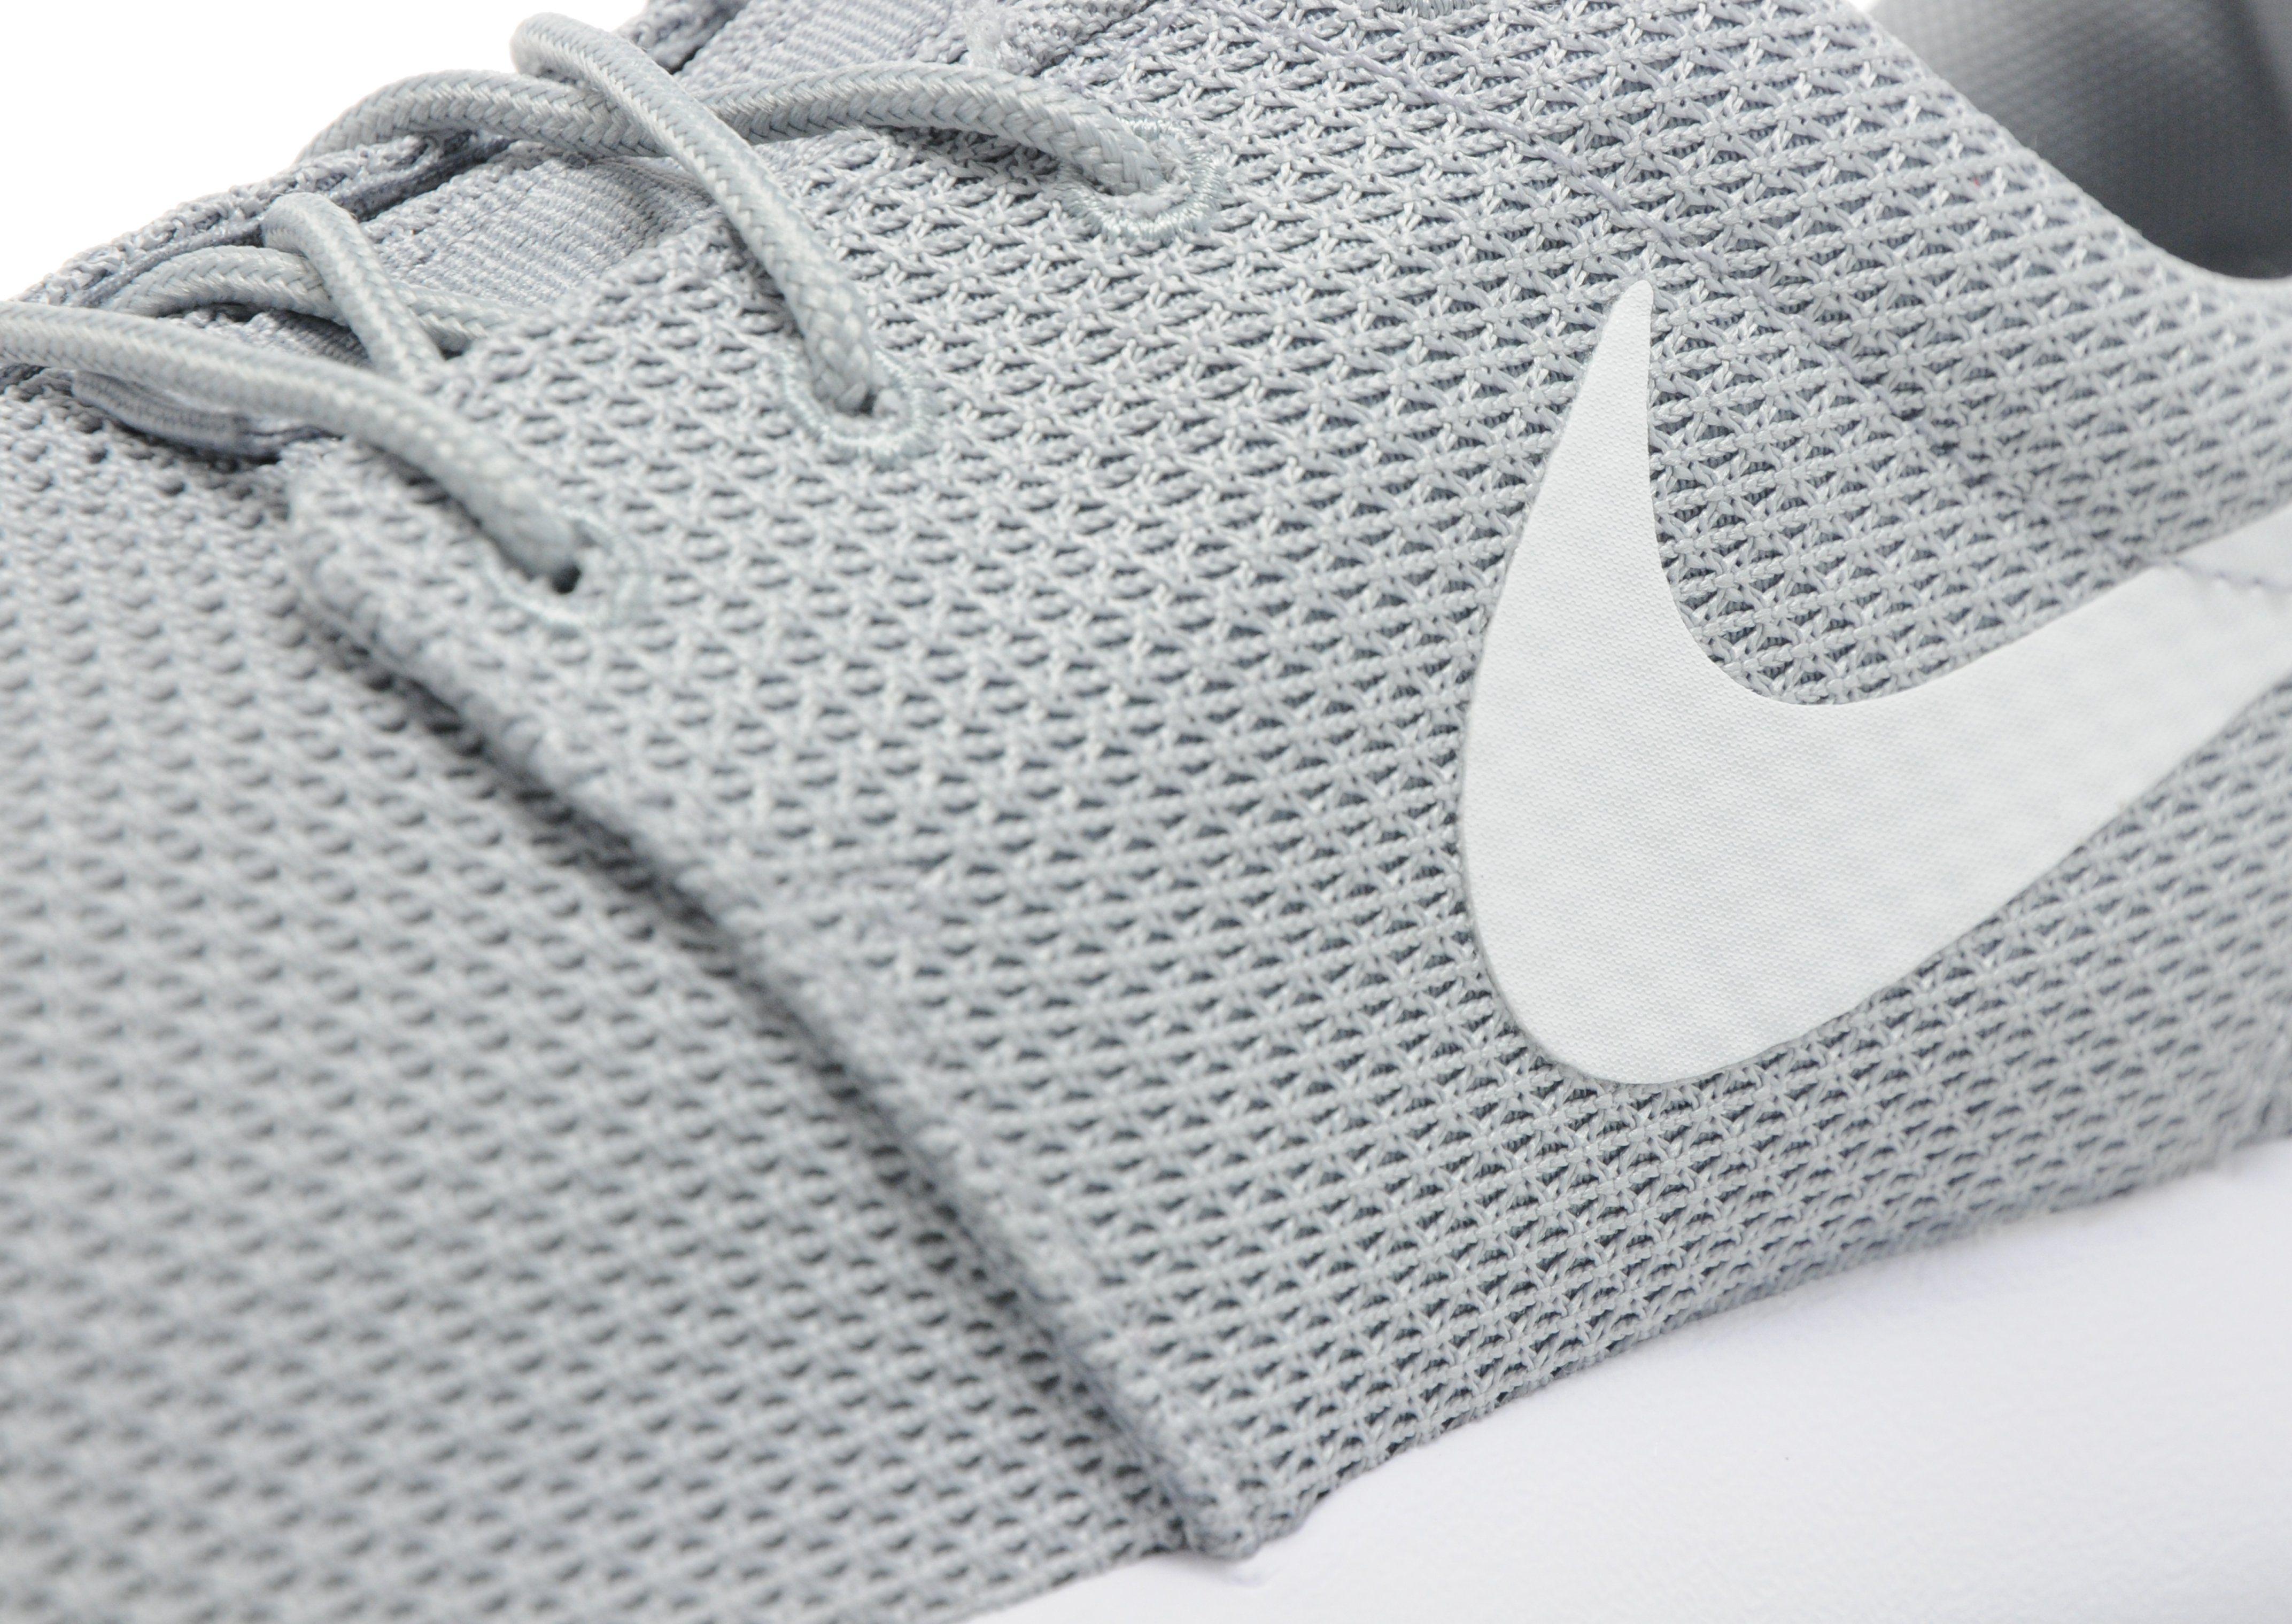 wiwig Nike Roshe One | JD Sports